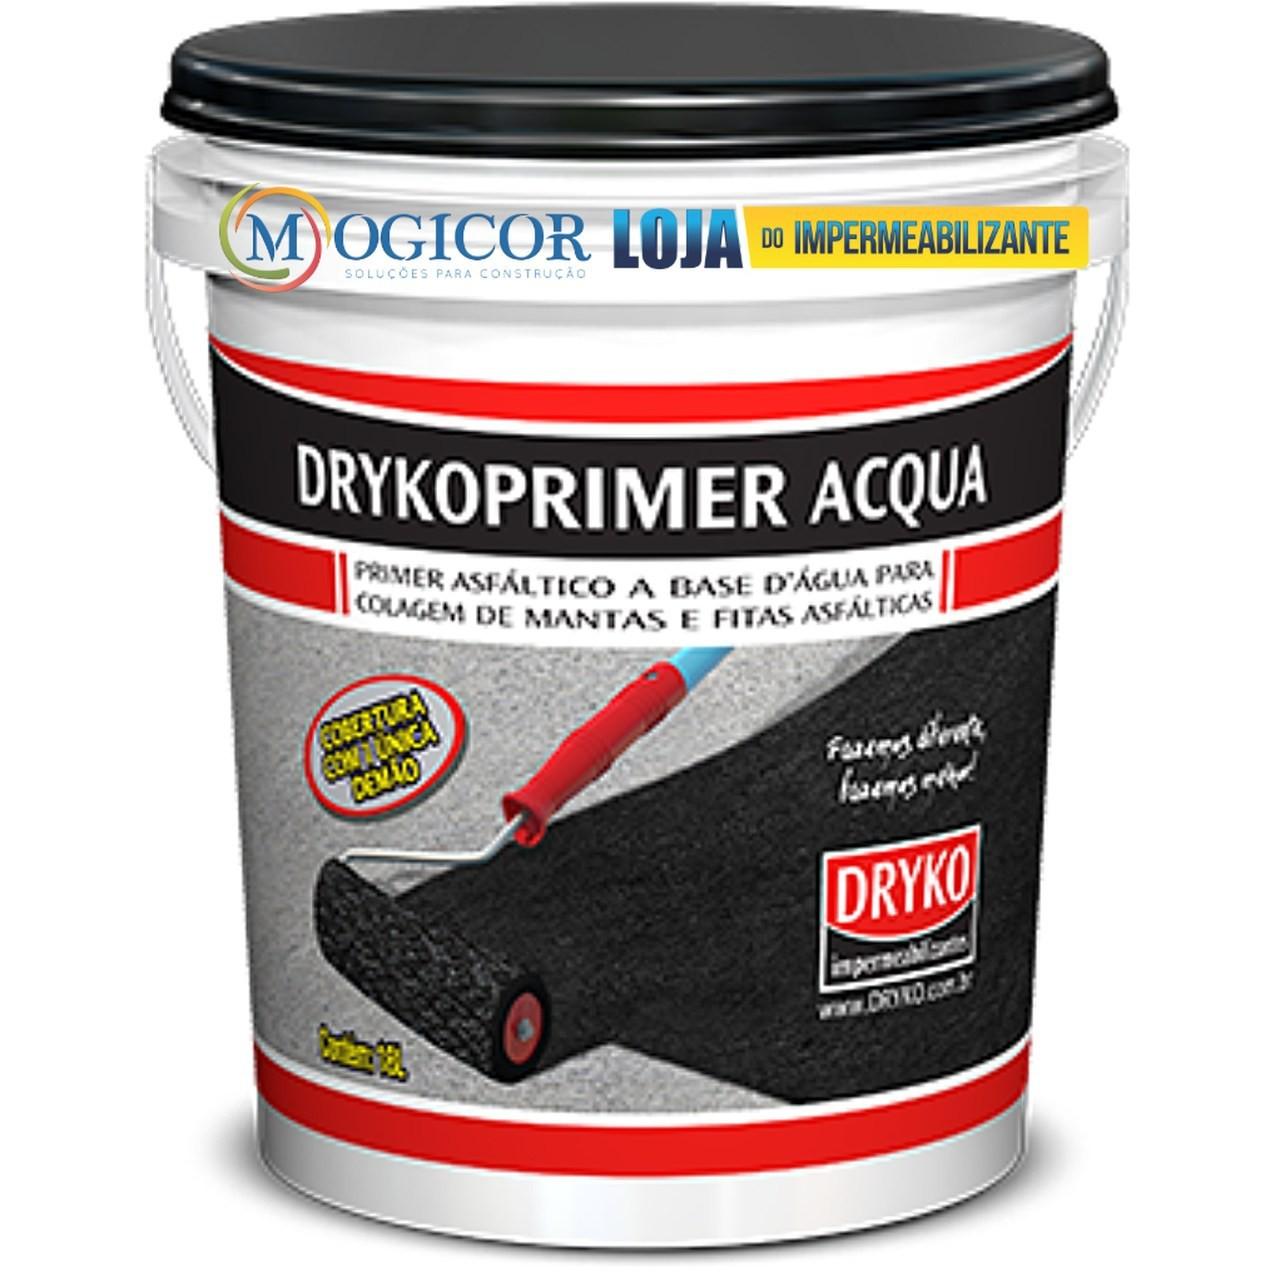 Primer Asfáltico Base Água P/ Mantas & Fitas Aluminizadas - Drykoprimer Acqua 18l